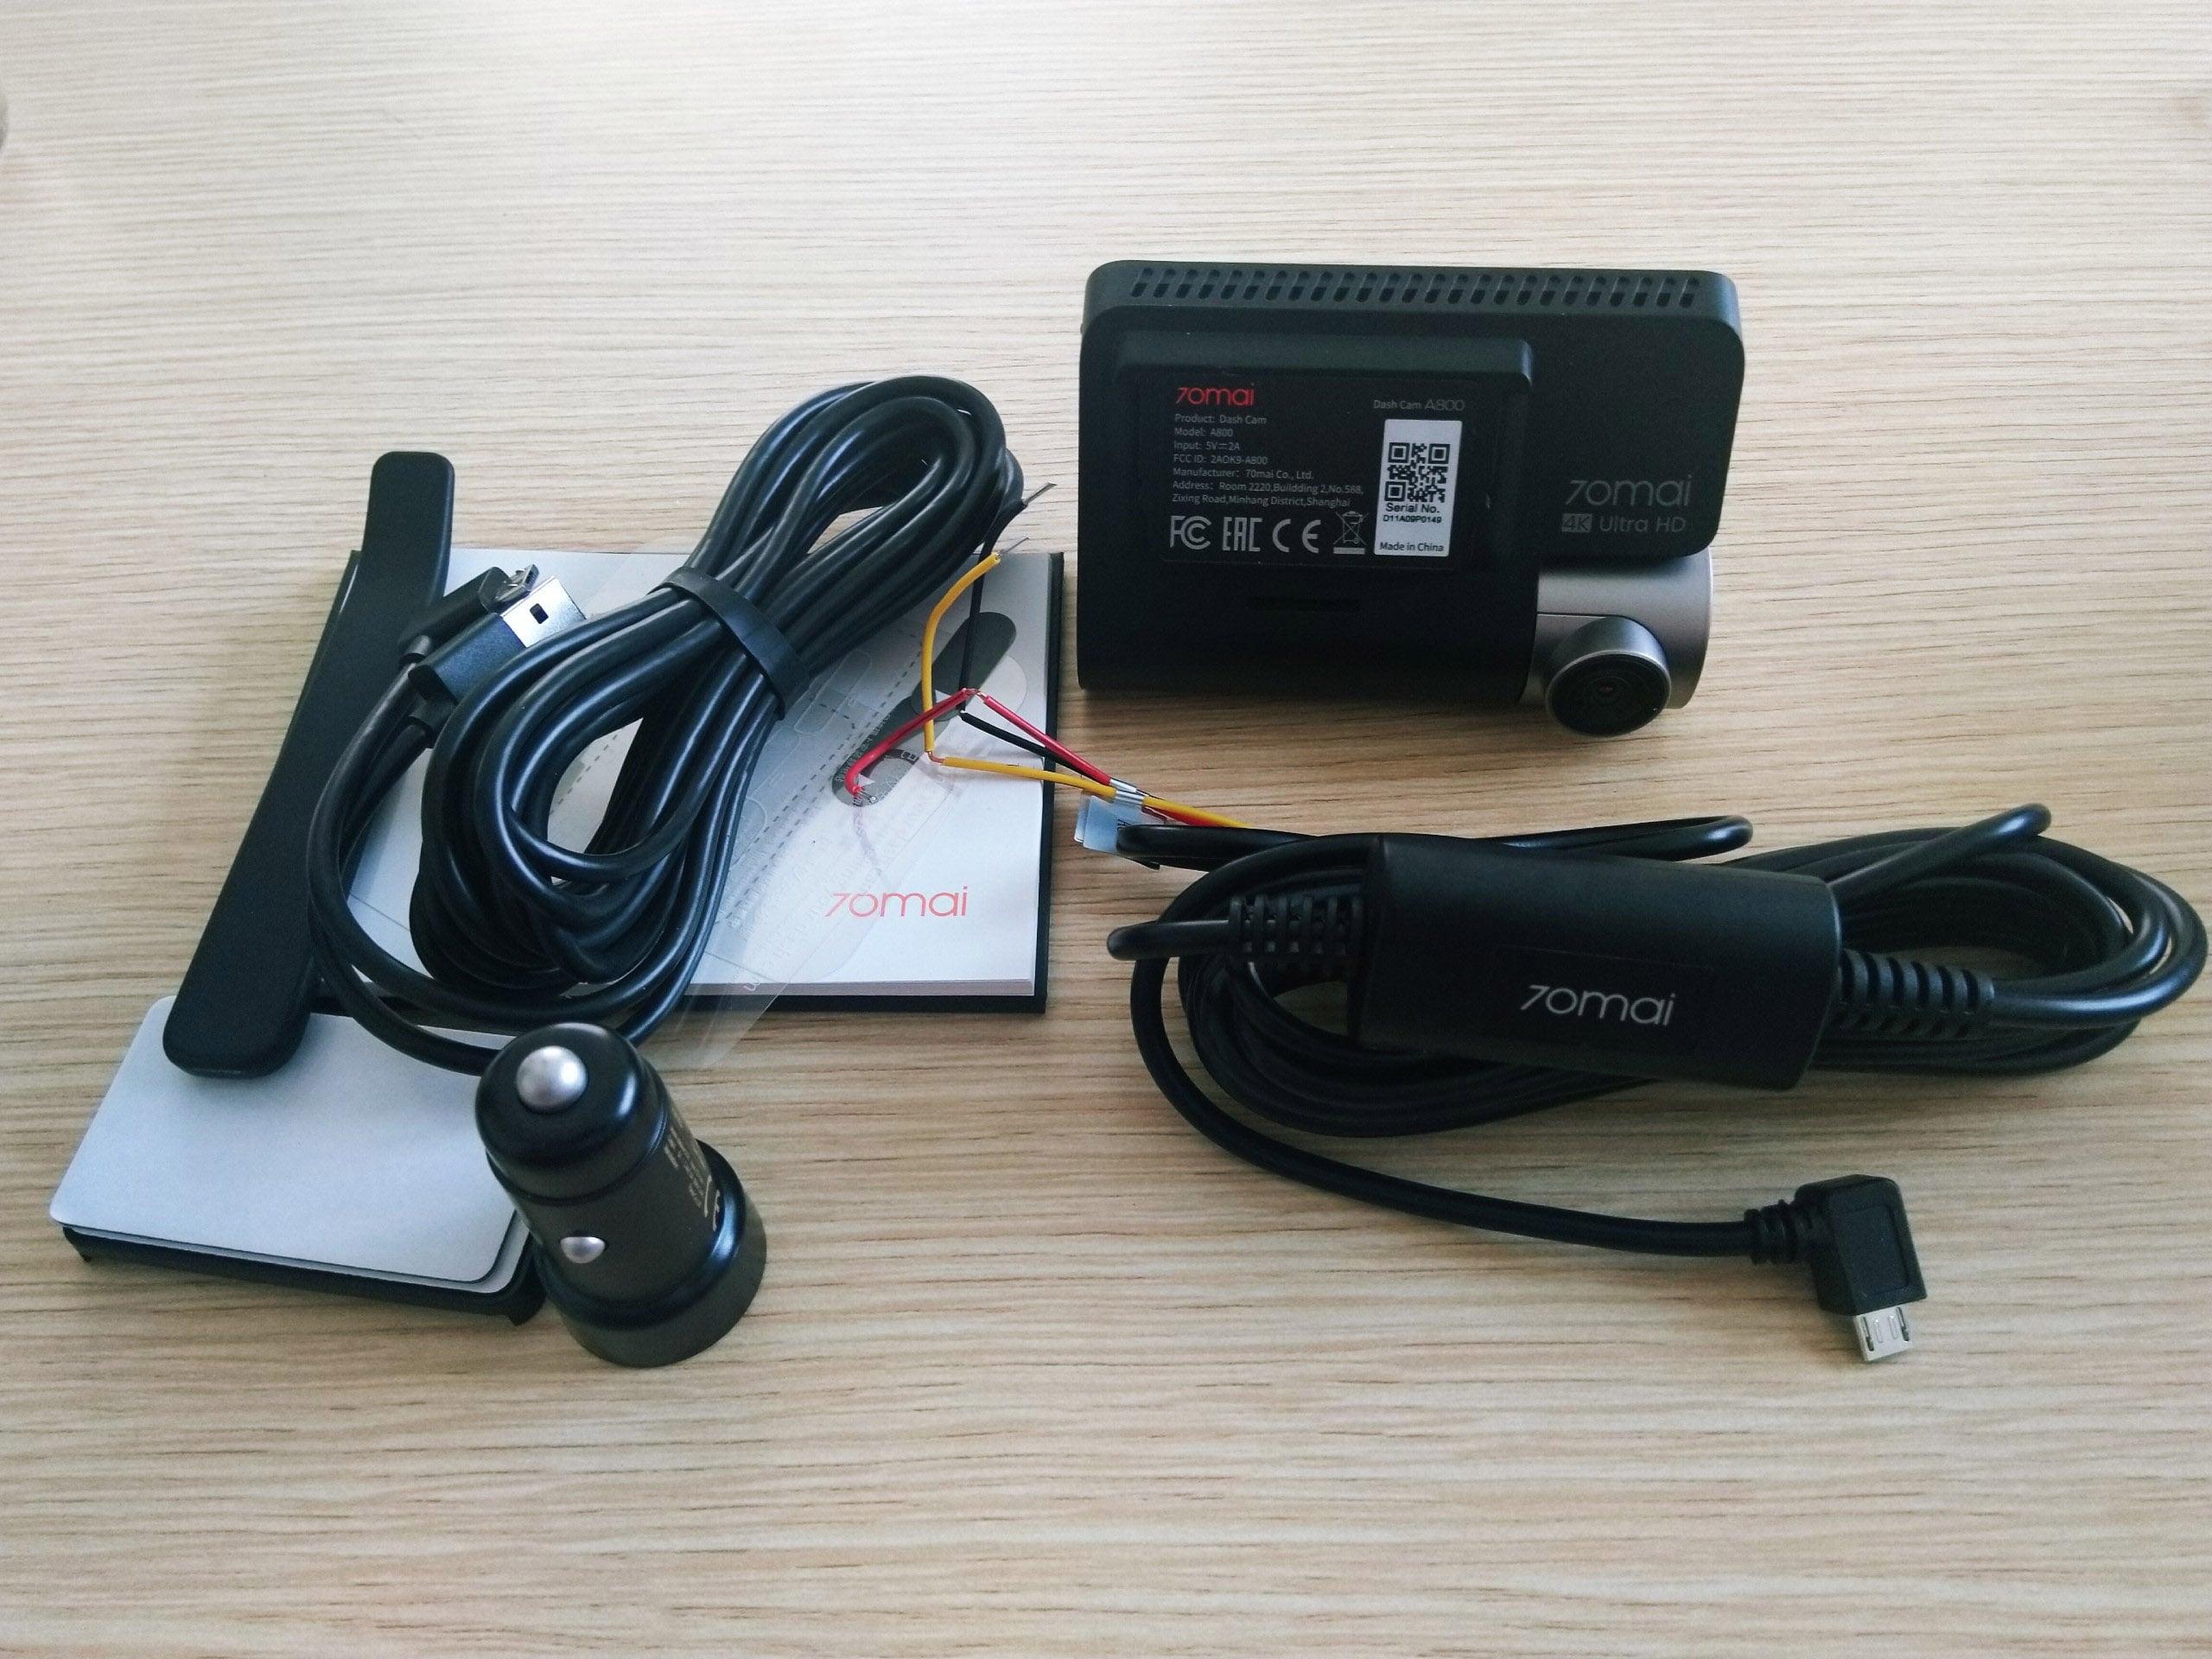 bộ kit nguồn đấu điện với camera hành trình xiaomi 70mai